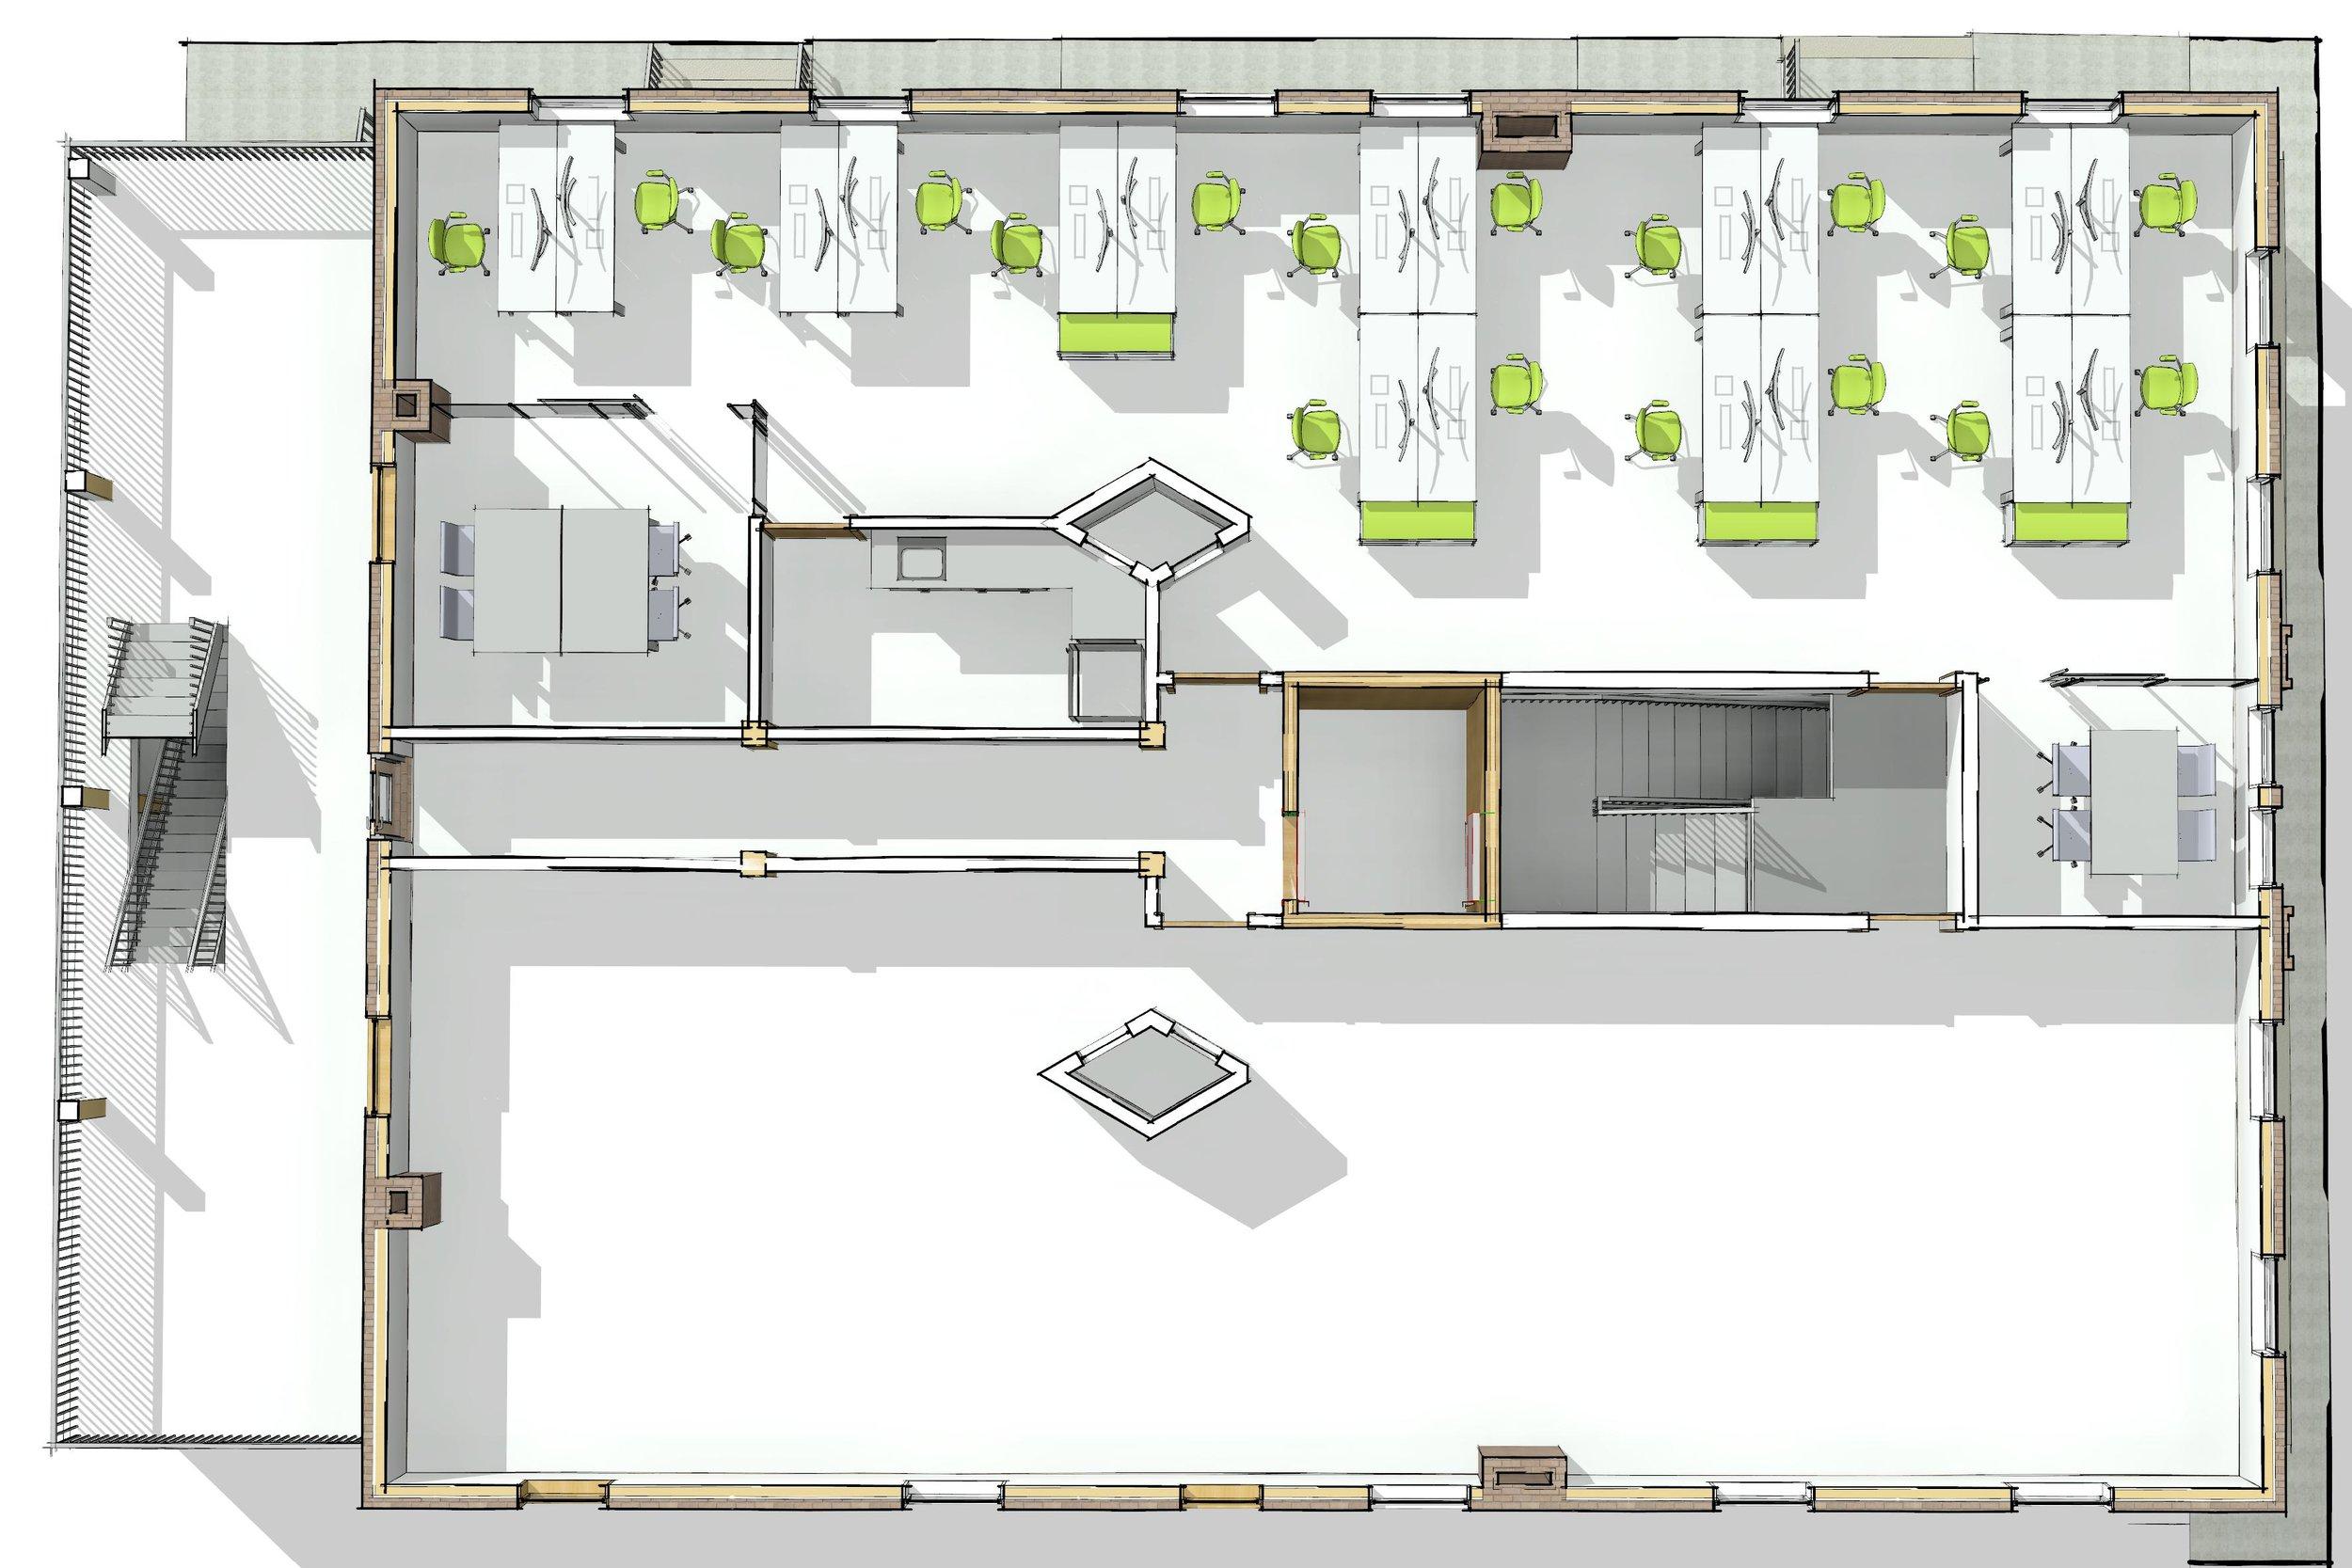 NEXT Architects - Potential 2 Unit Option